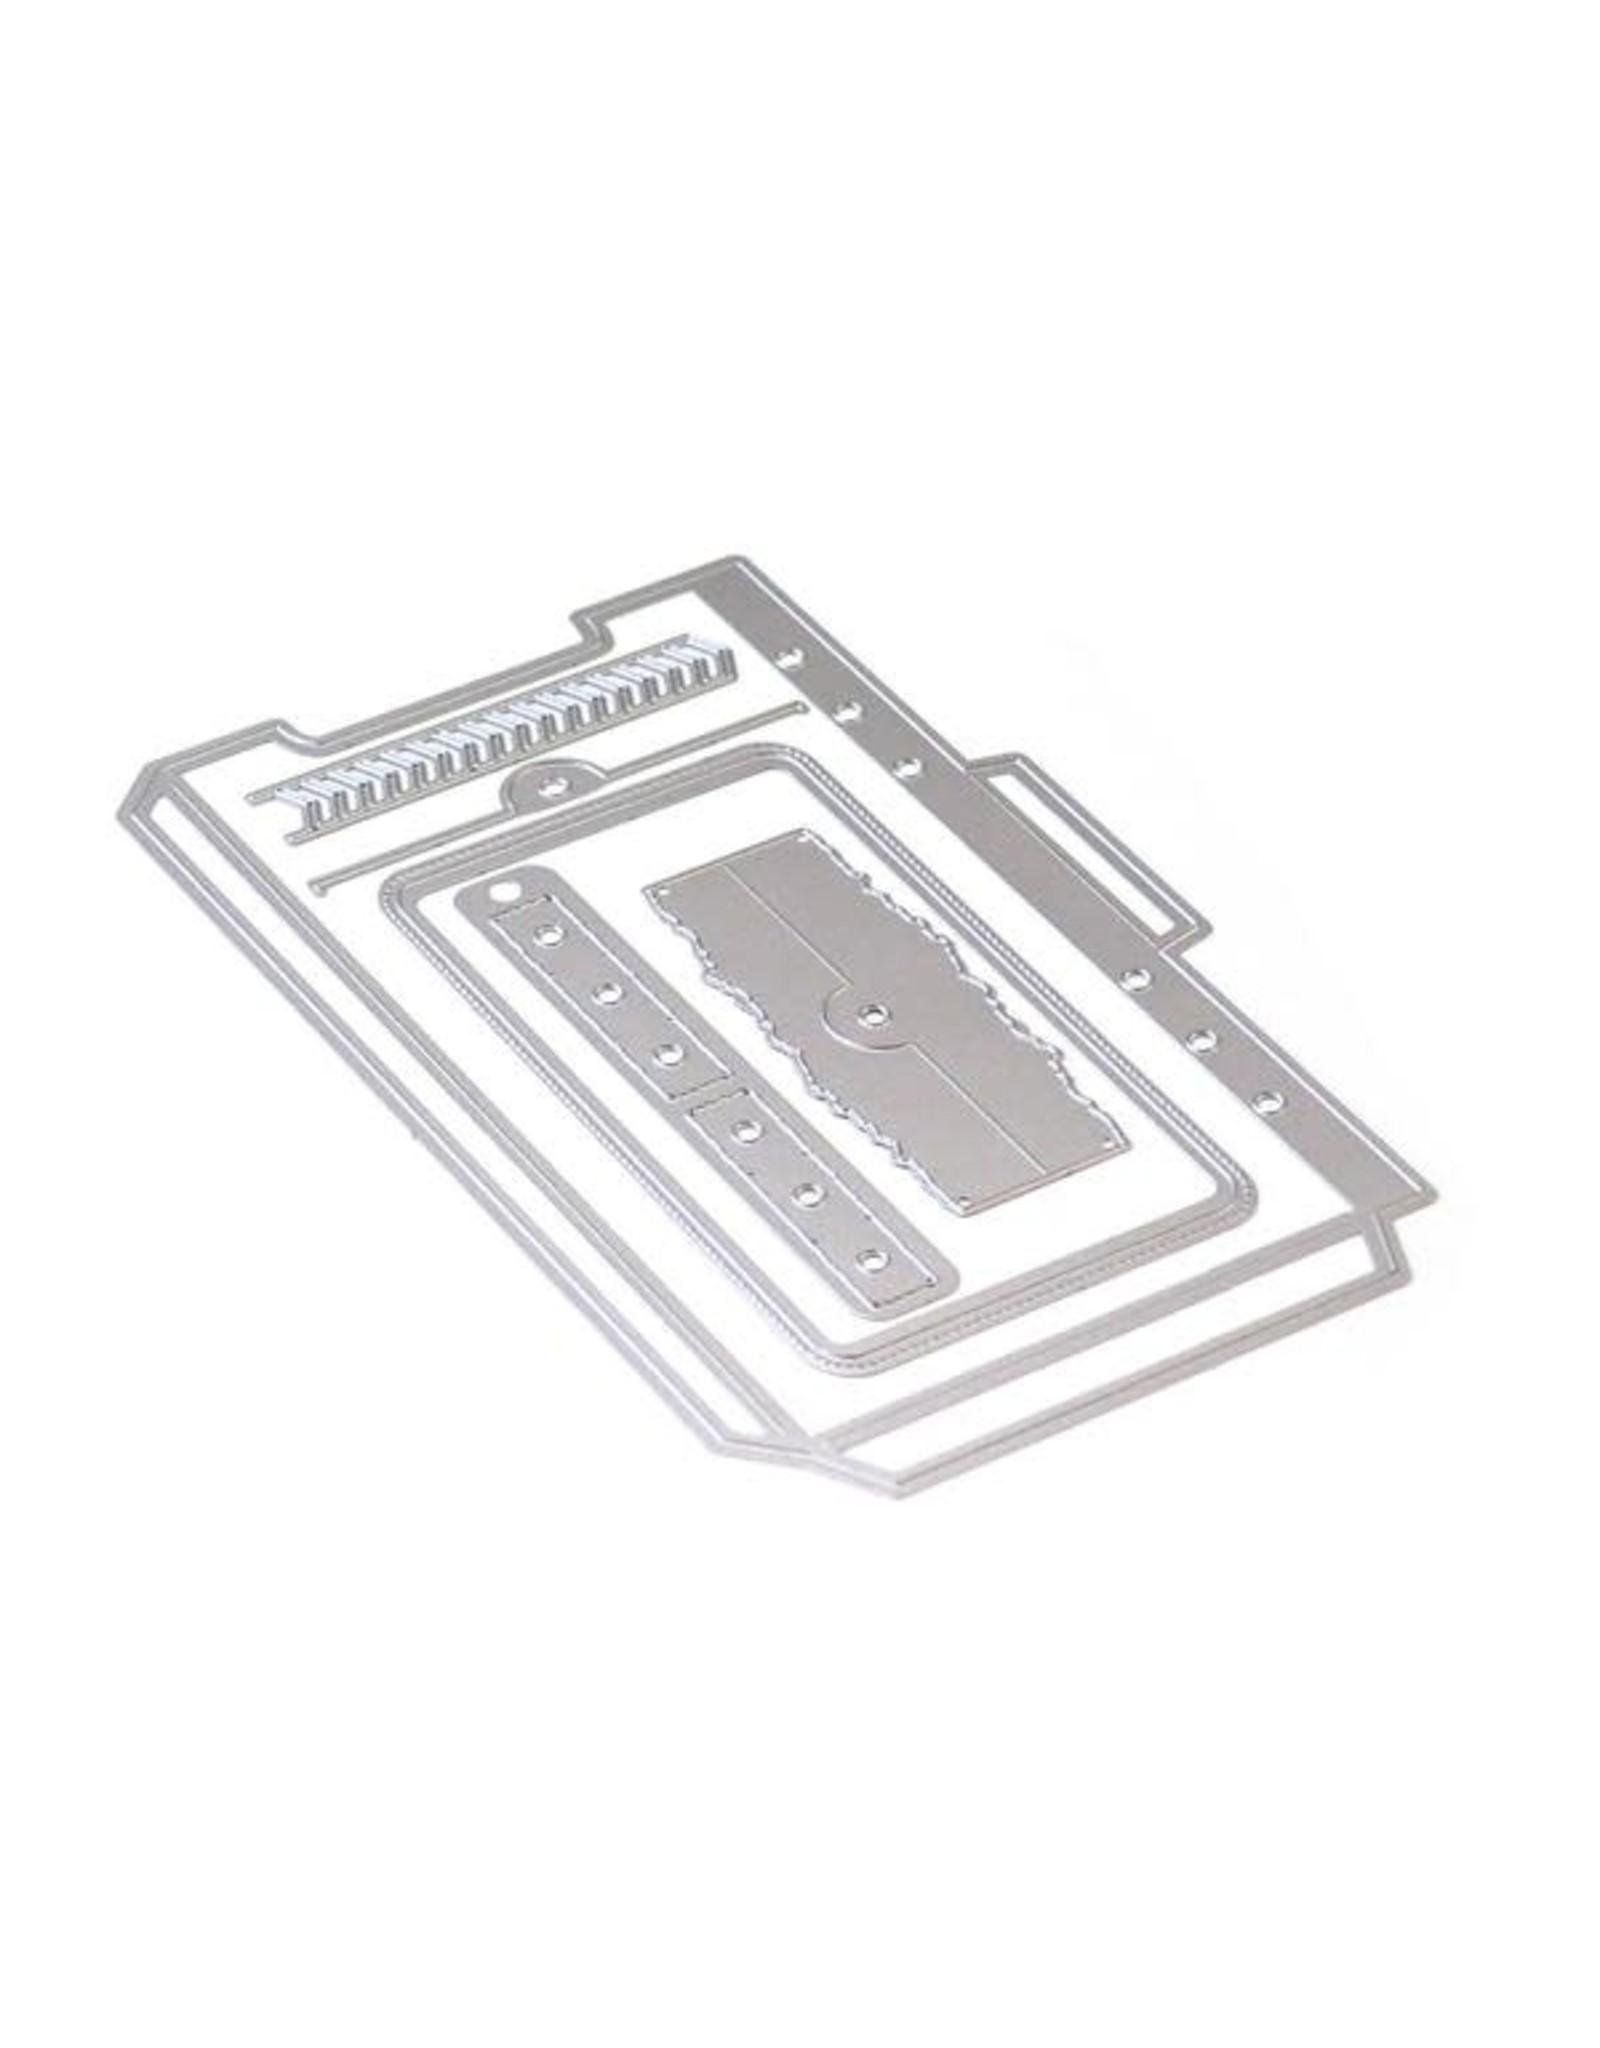 Elizabeth Craft Designs Elizabeth Craft Designs Planner Essentials 22 - Planner Pocket 4 - Top Loading 1740